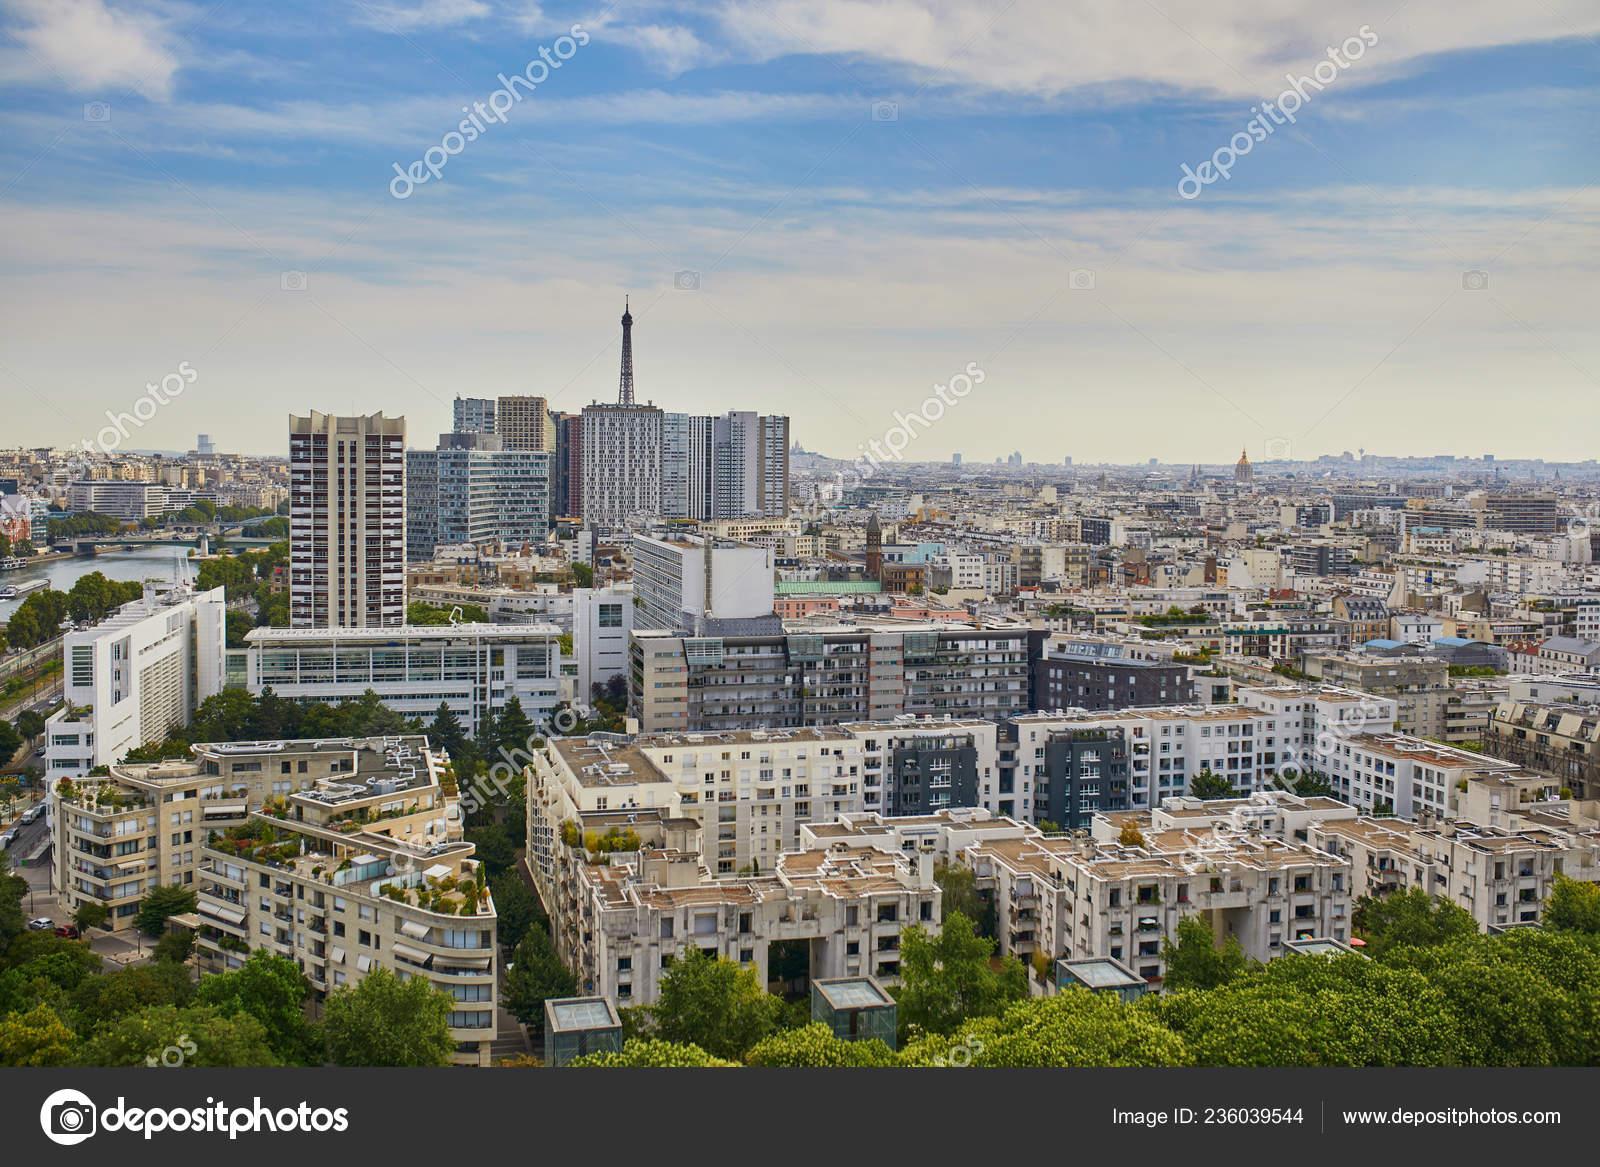 15th arrondissement of Paris